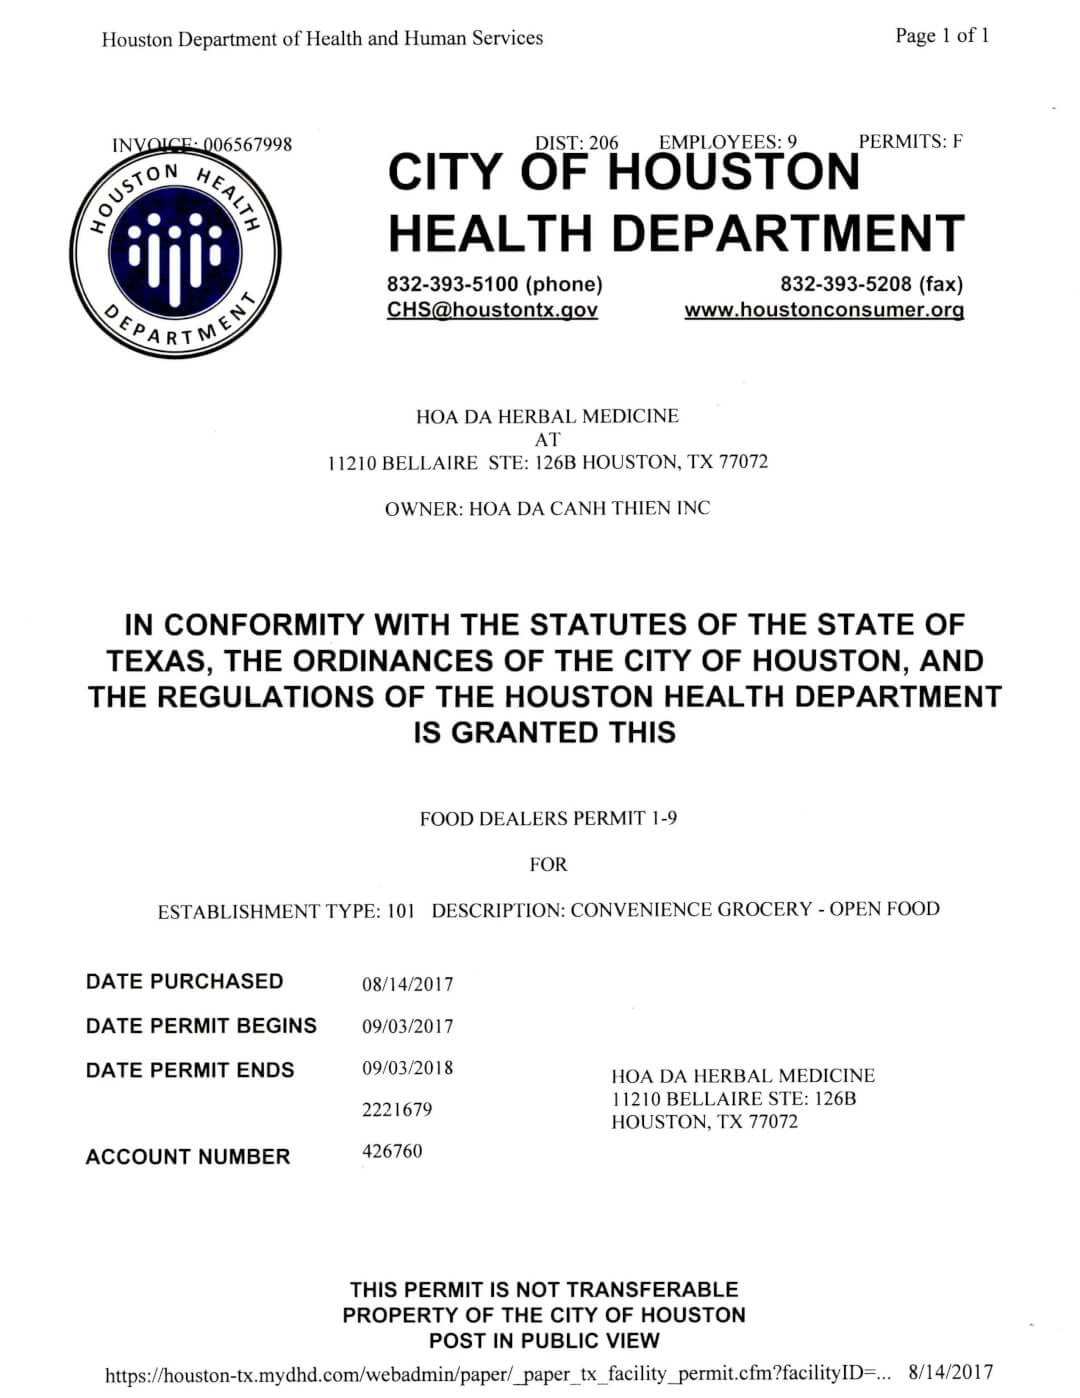 Chứng nhận từ Cơ quan quản lý sức khoẻ Houston